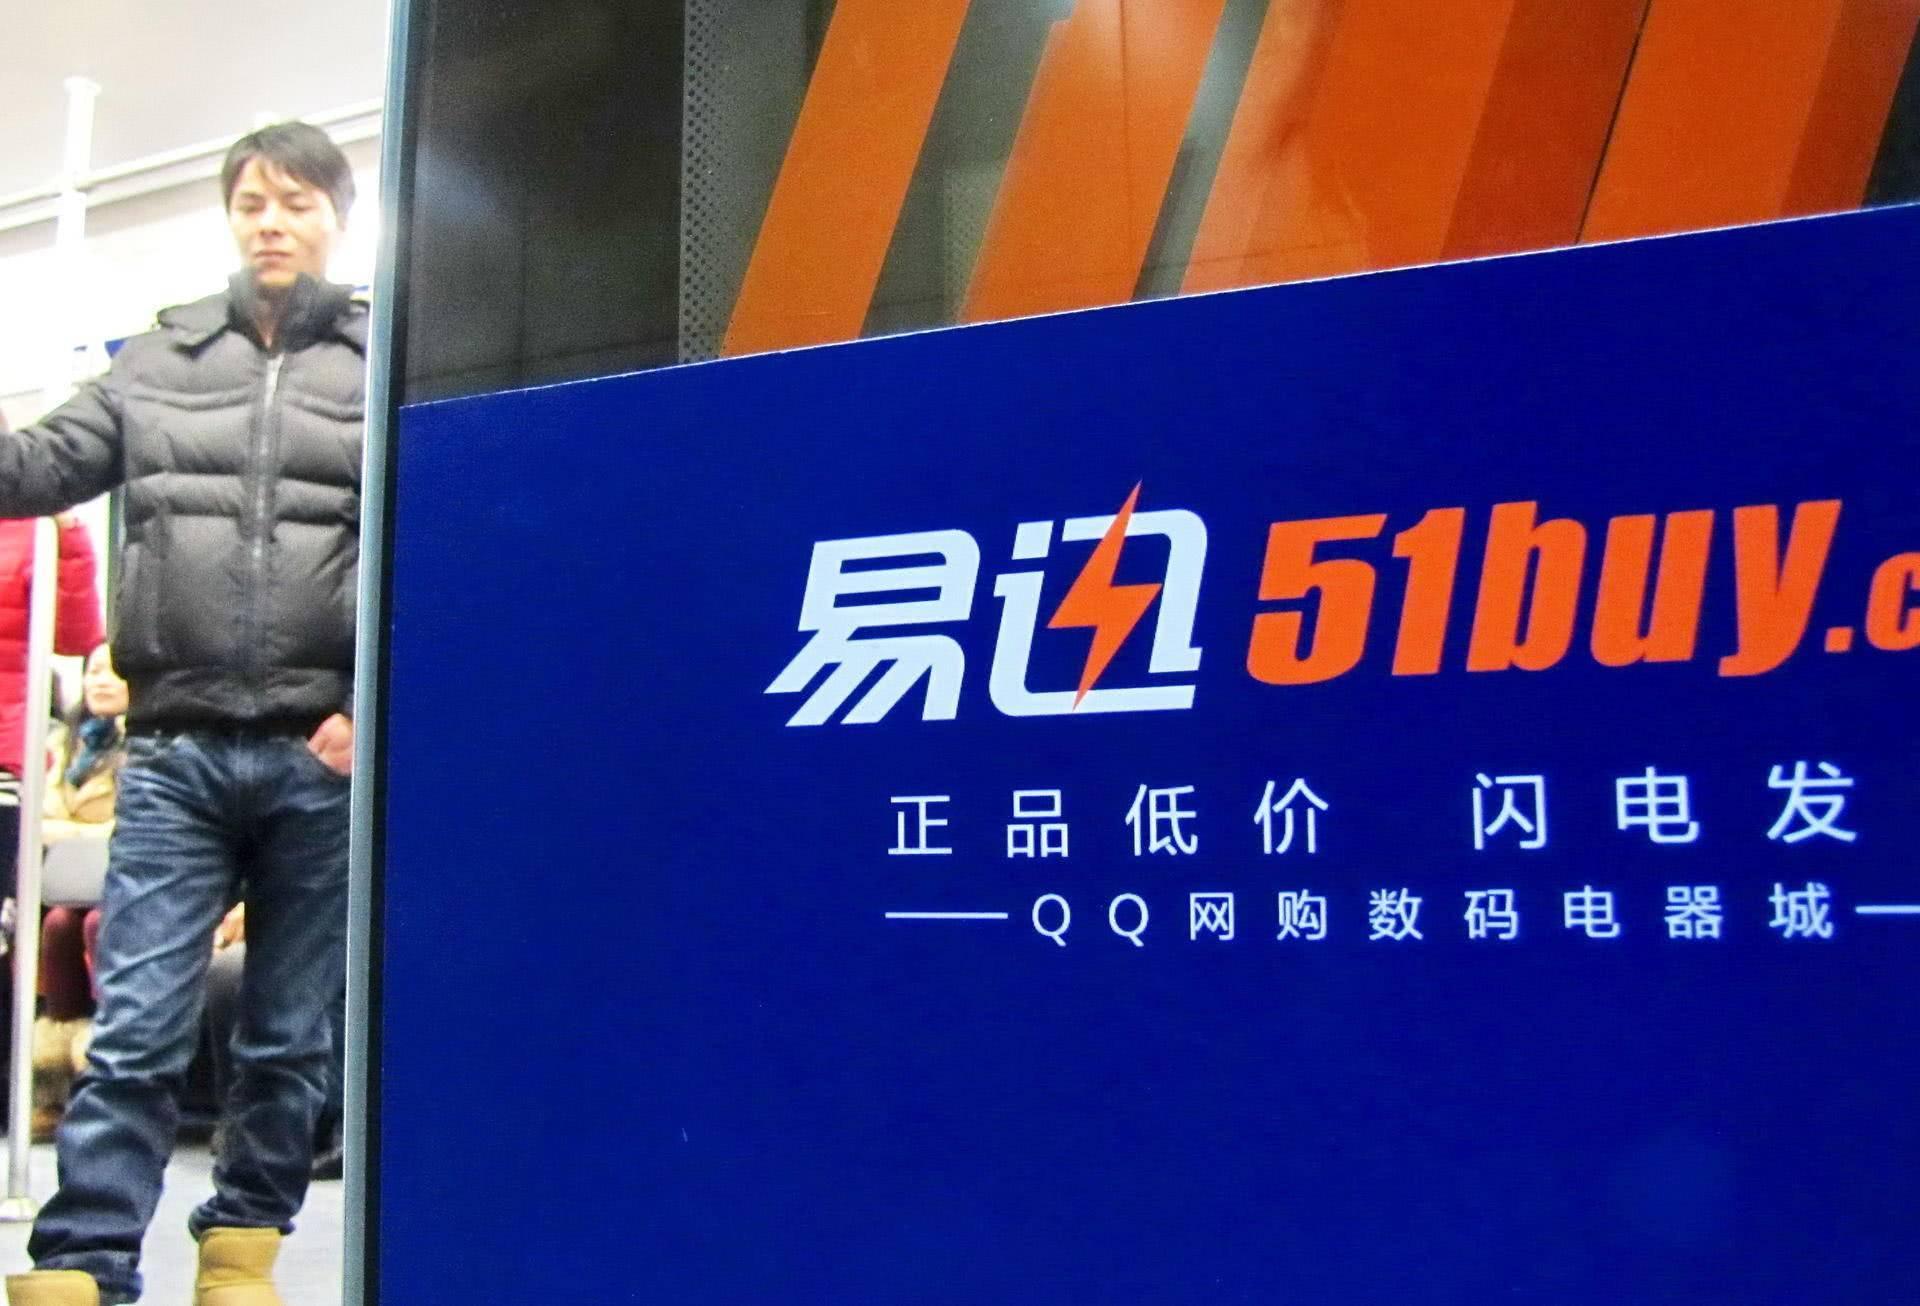 刘强东的电商圈朋友:李国庆75亿卖当当,陈欧缩水94%,盯上新朋友黄峥